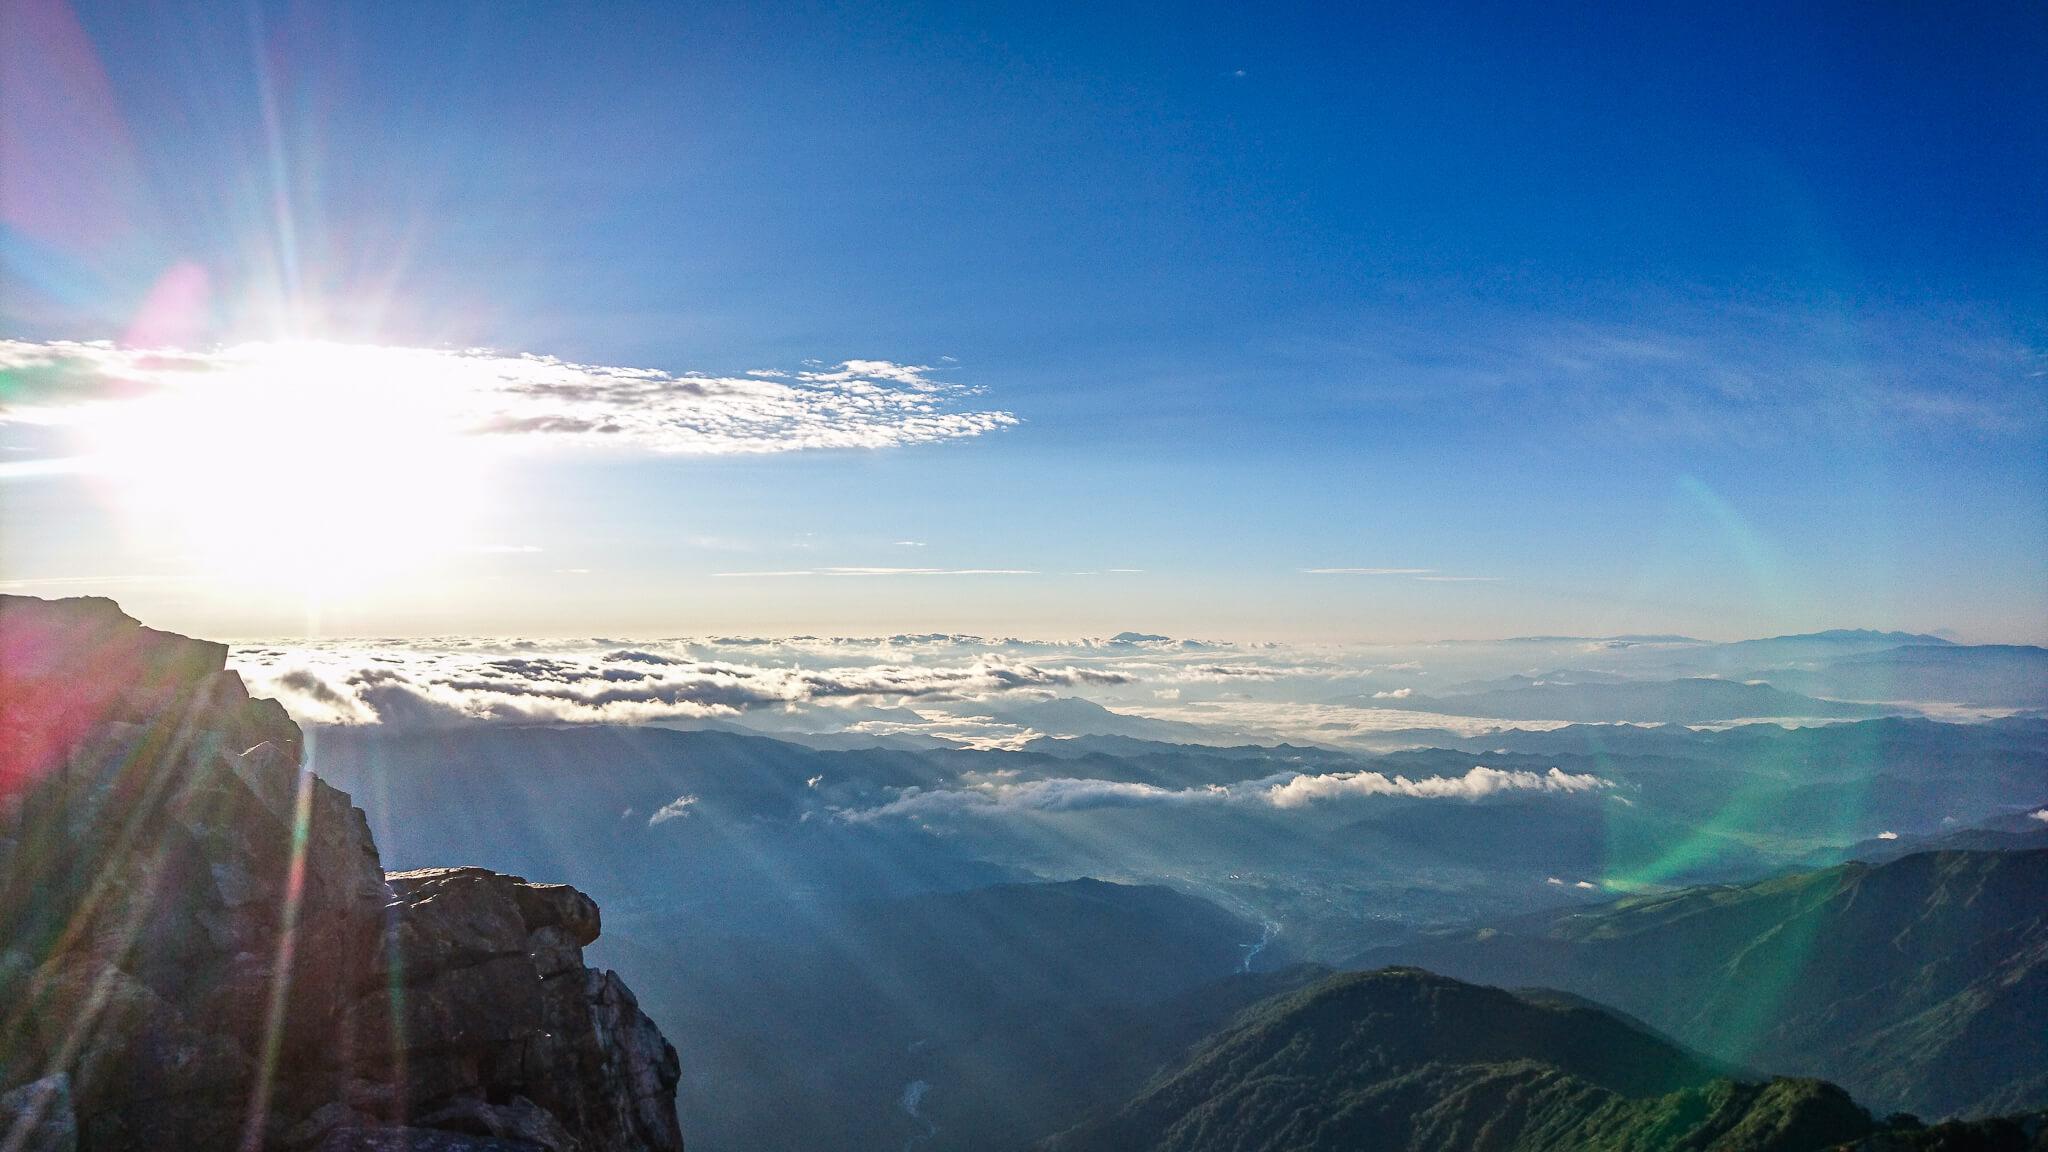 白馬岳・白馬岳山頂からのまぶしい太陽